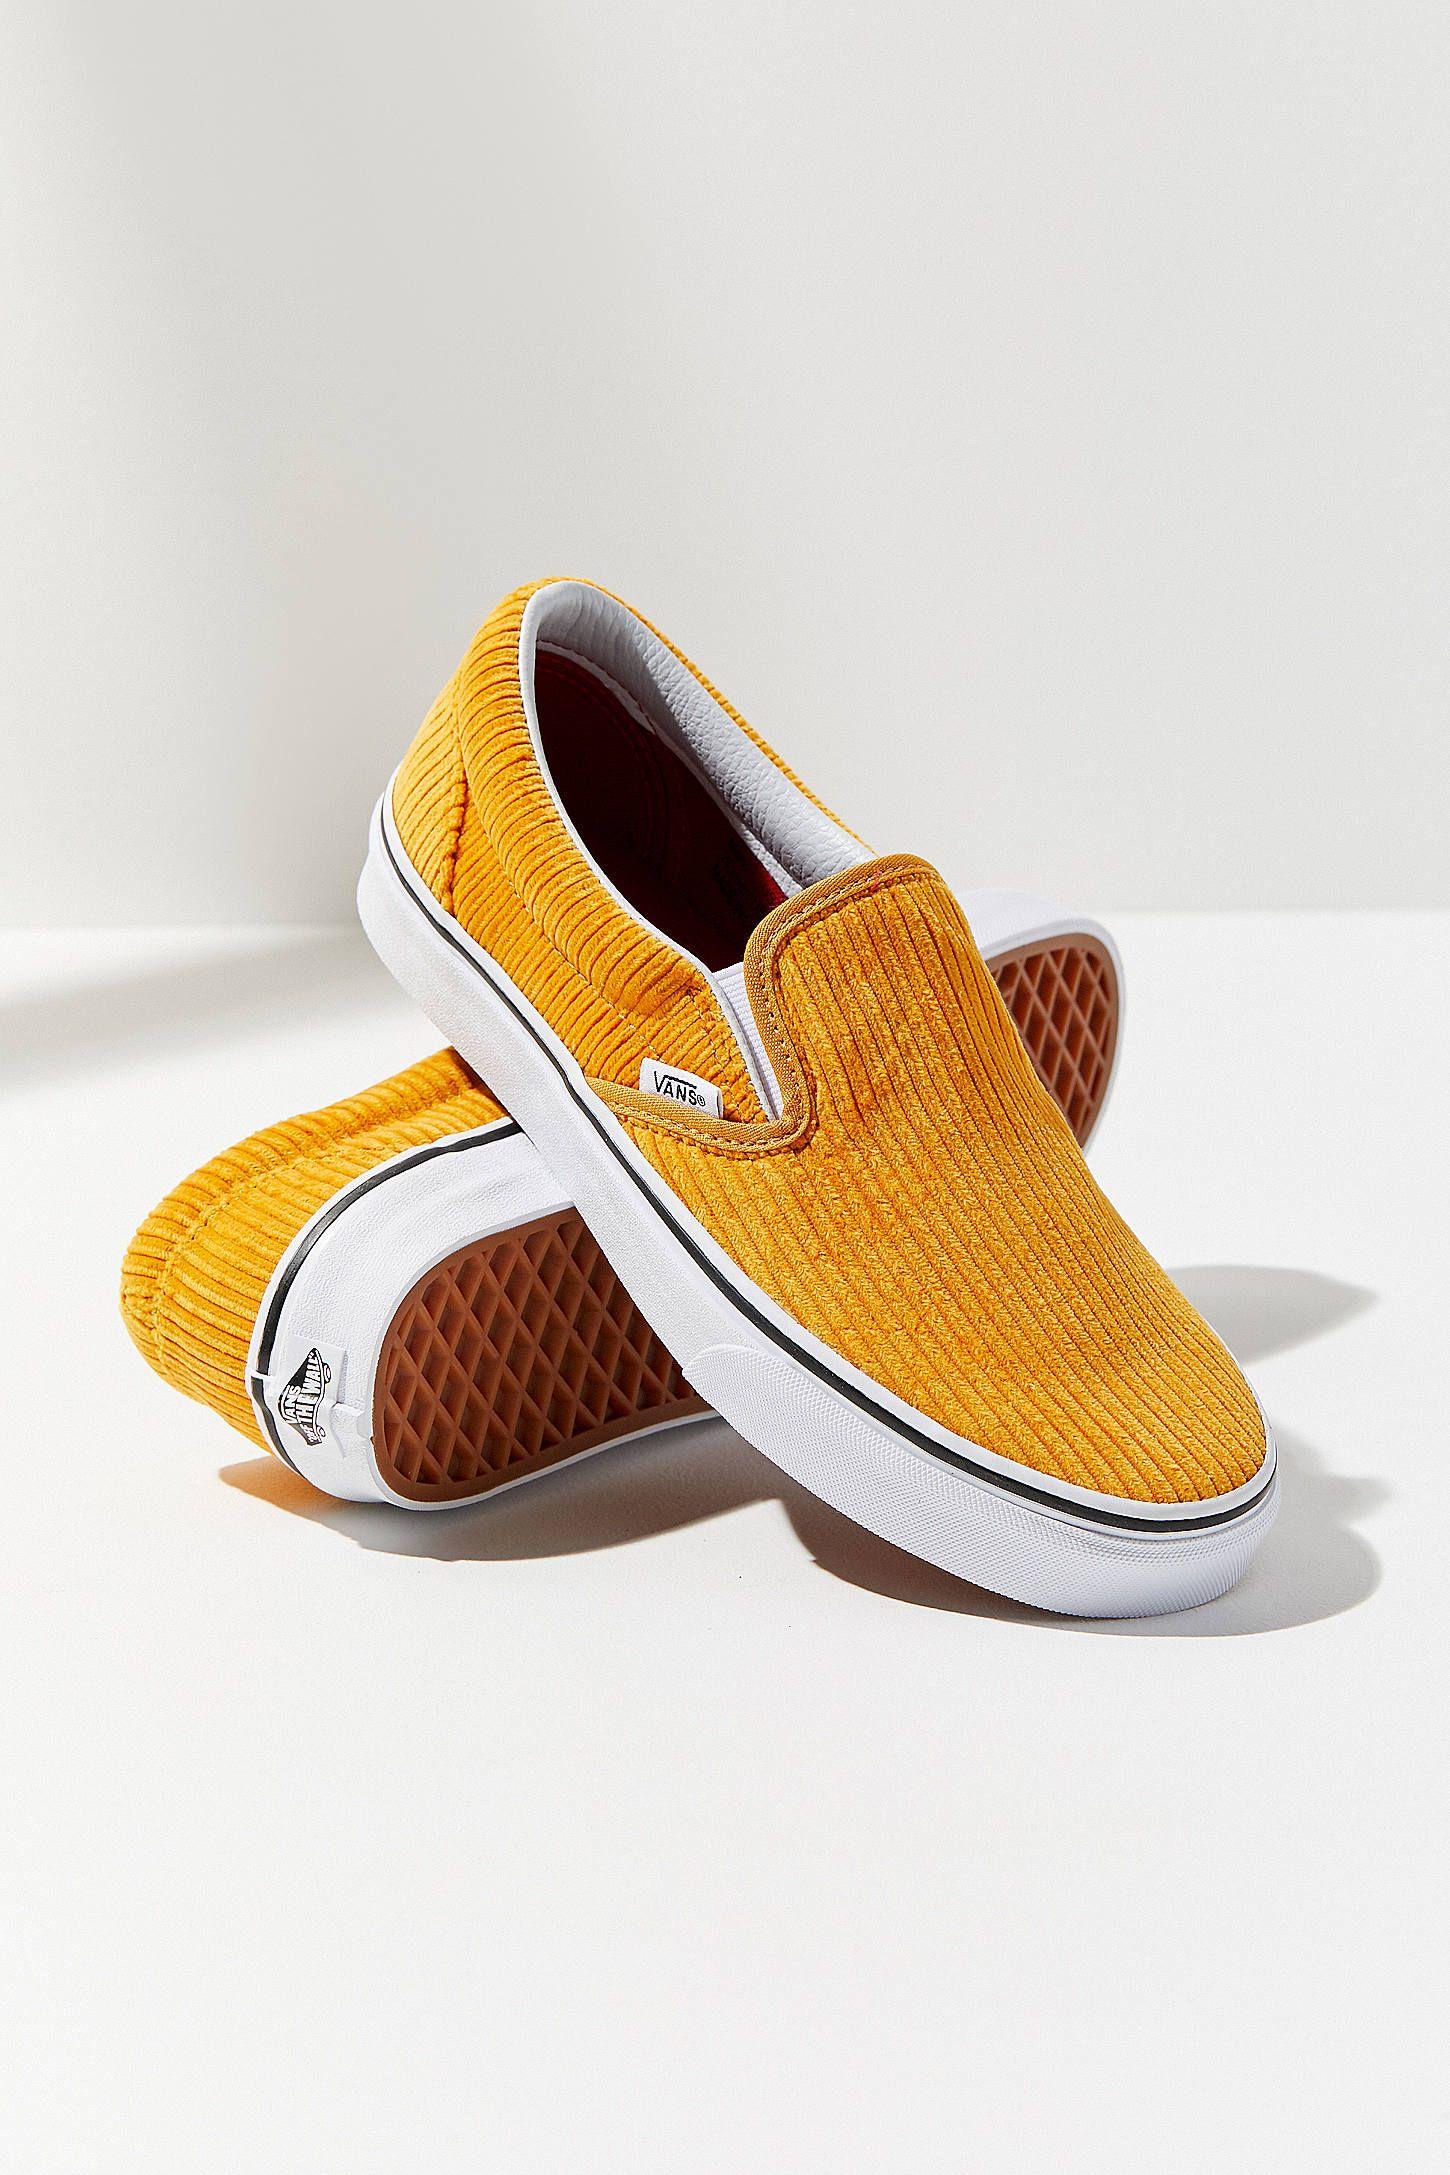 a5edad9fda15b9 Vans Corduroy Slip-On Sneaker